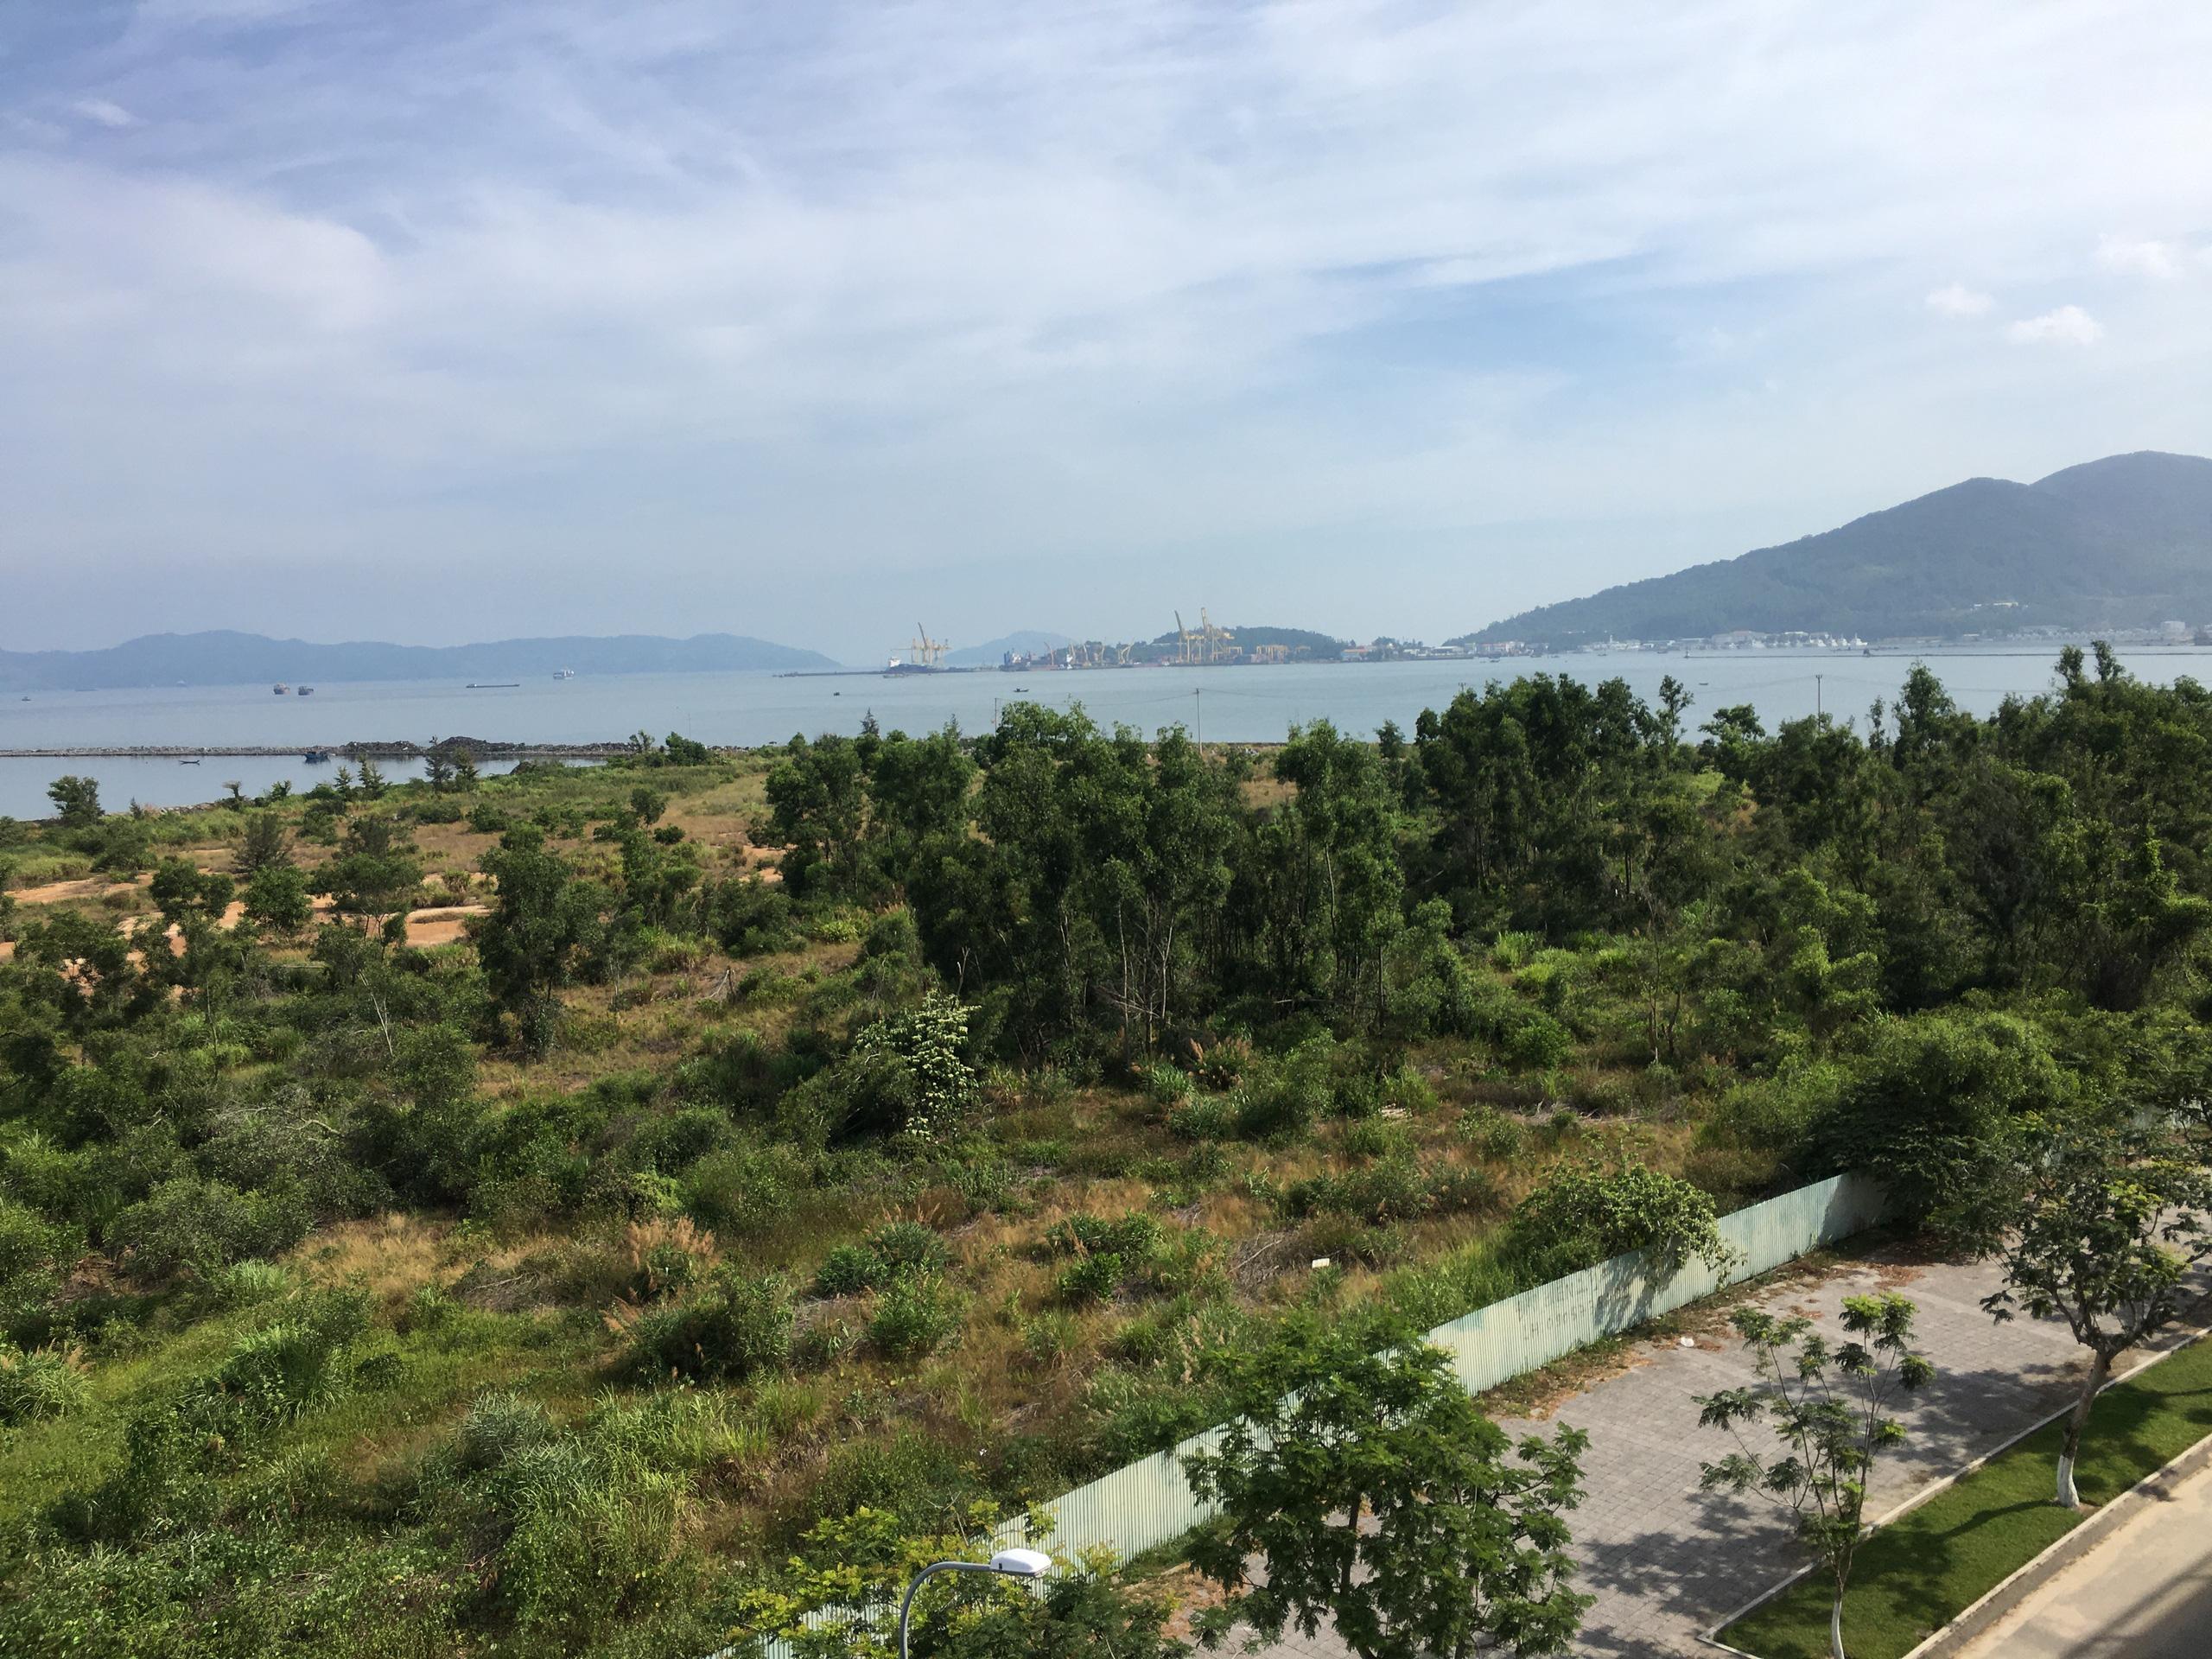 Vị trí khu đất Đà Nẵng dự kiến làm nhà hát thành phố - Ảnh 11.